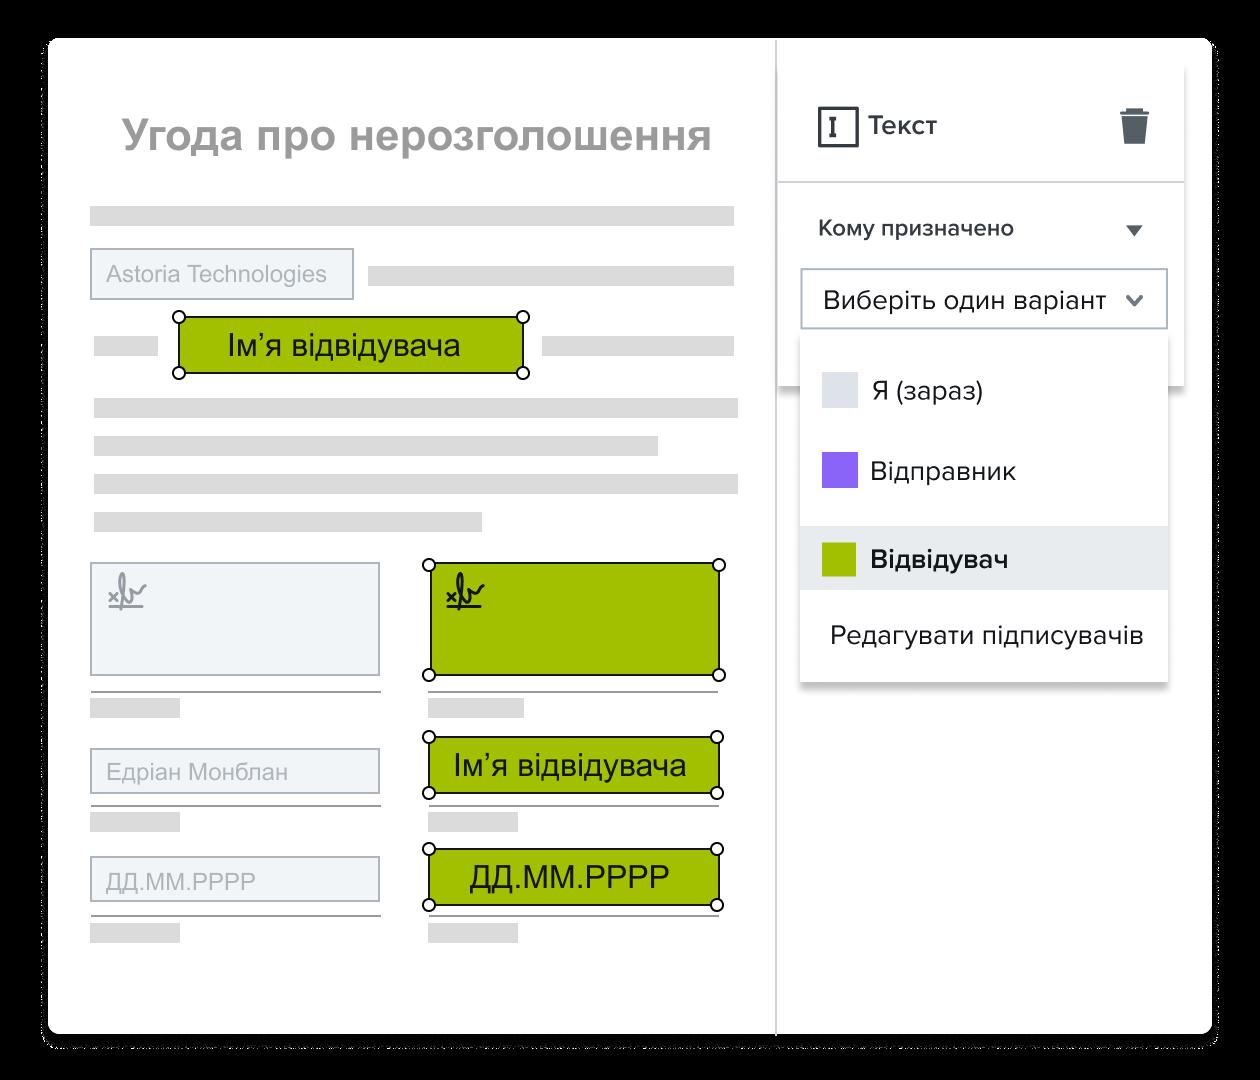 Скріншот призначення підписувача в HelloSign